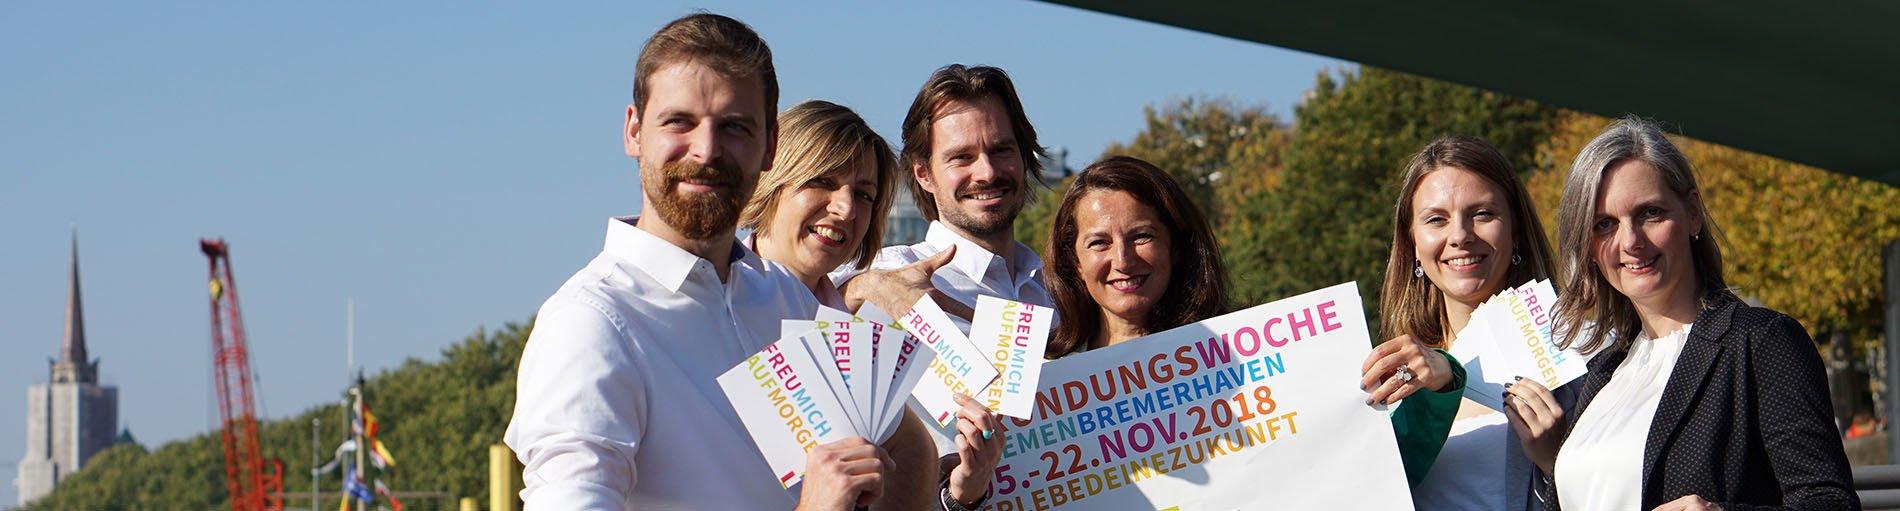 Sechs Personen halten Plakate und Flyer zur Gründungswoche 2018 in der Hand.